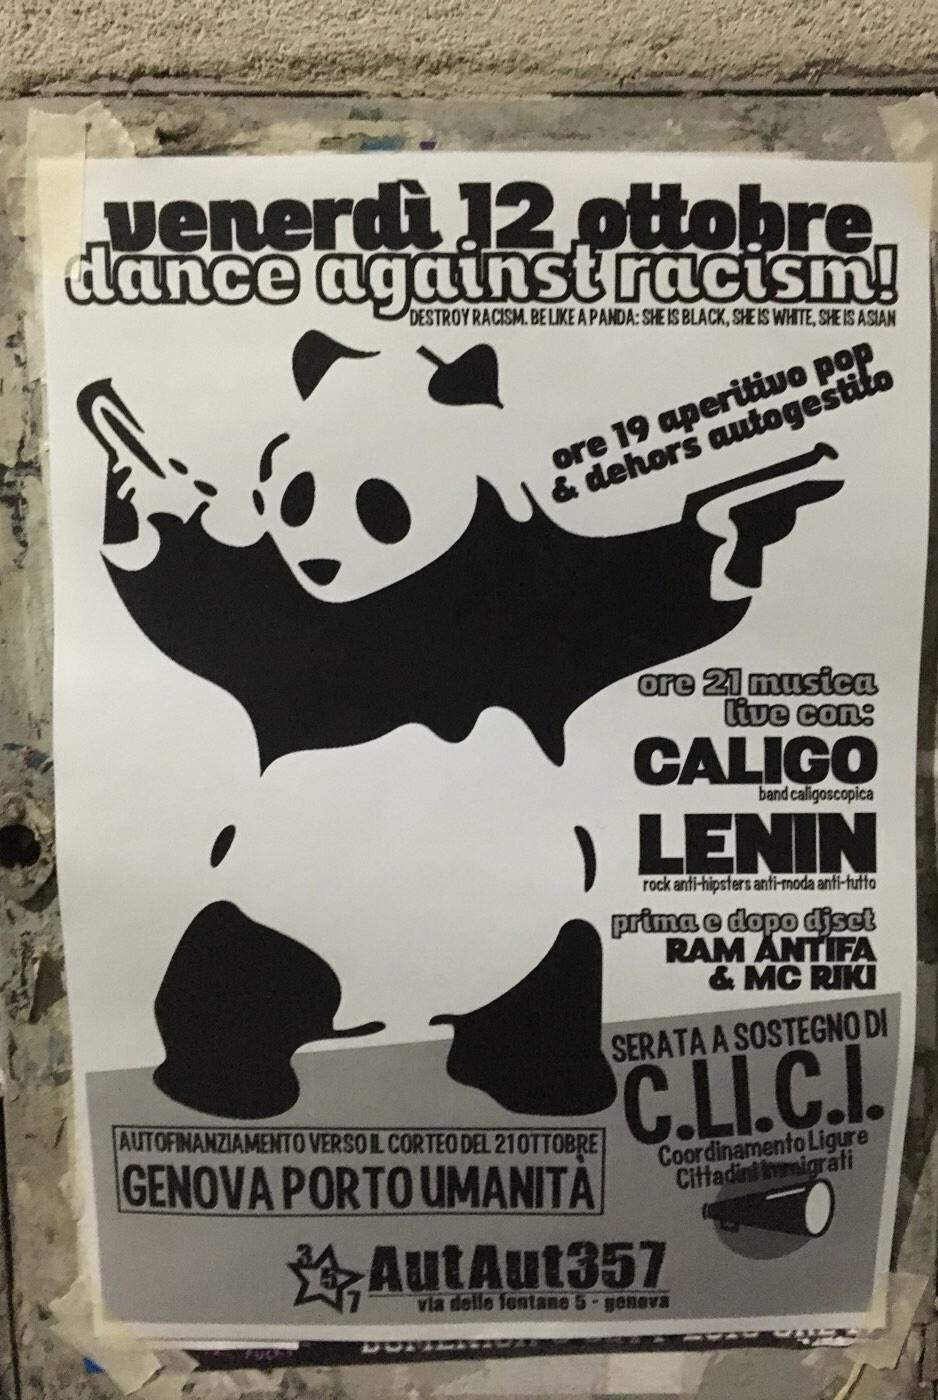 Dance Against Racism AutAut357 Via delle Fontane 5, 16123 Genova Dal 12/10/2018 Al 12/10/2018 19:00 - 22:00